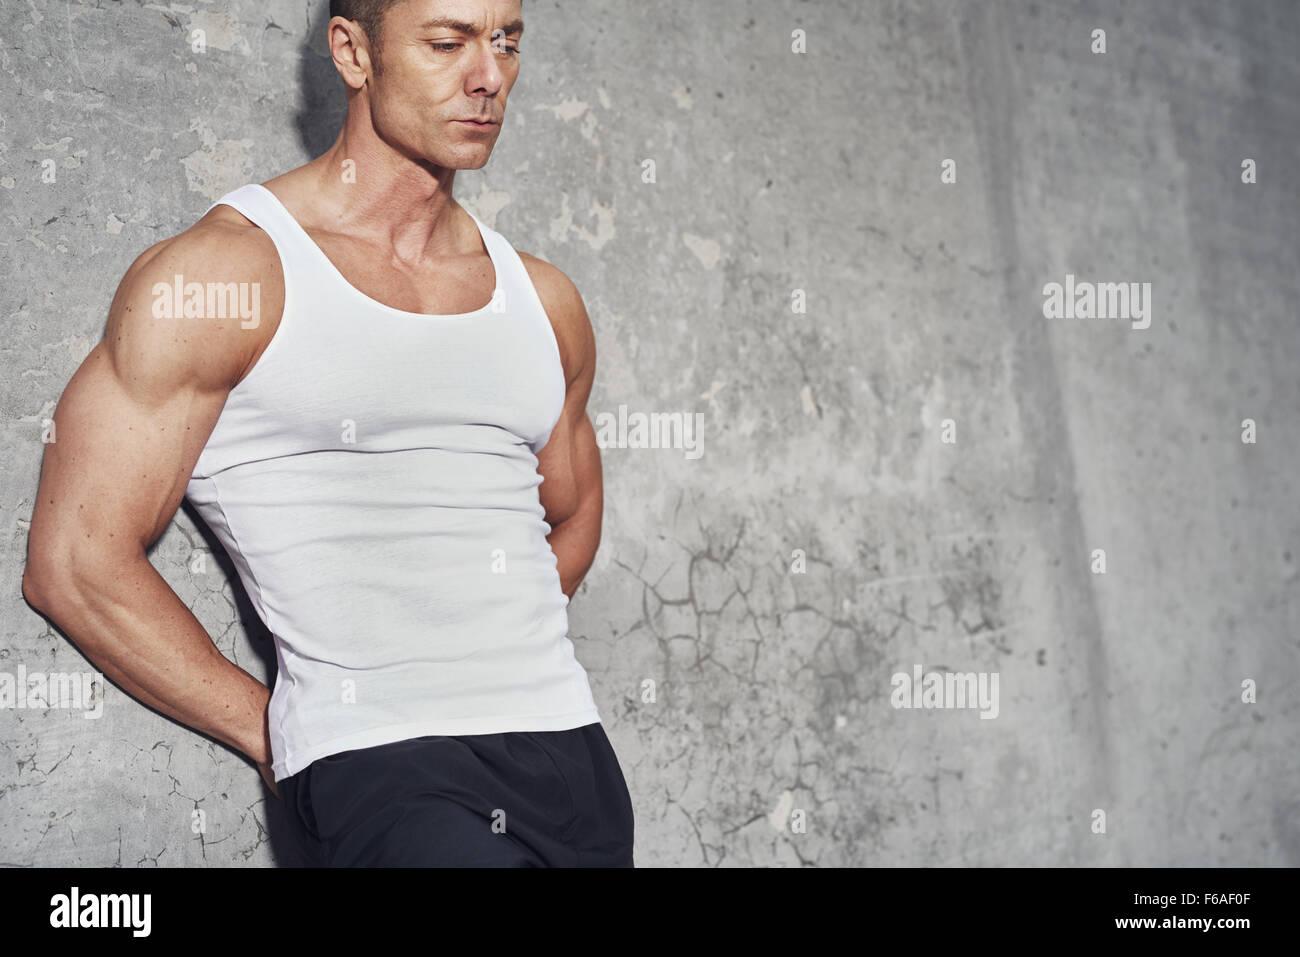 Vicino il concetto di fitness ritratto dell'uomo bianco, sani e in forma, white tanktop, concetto di fitness Immagini Stock